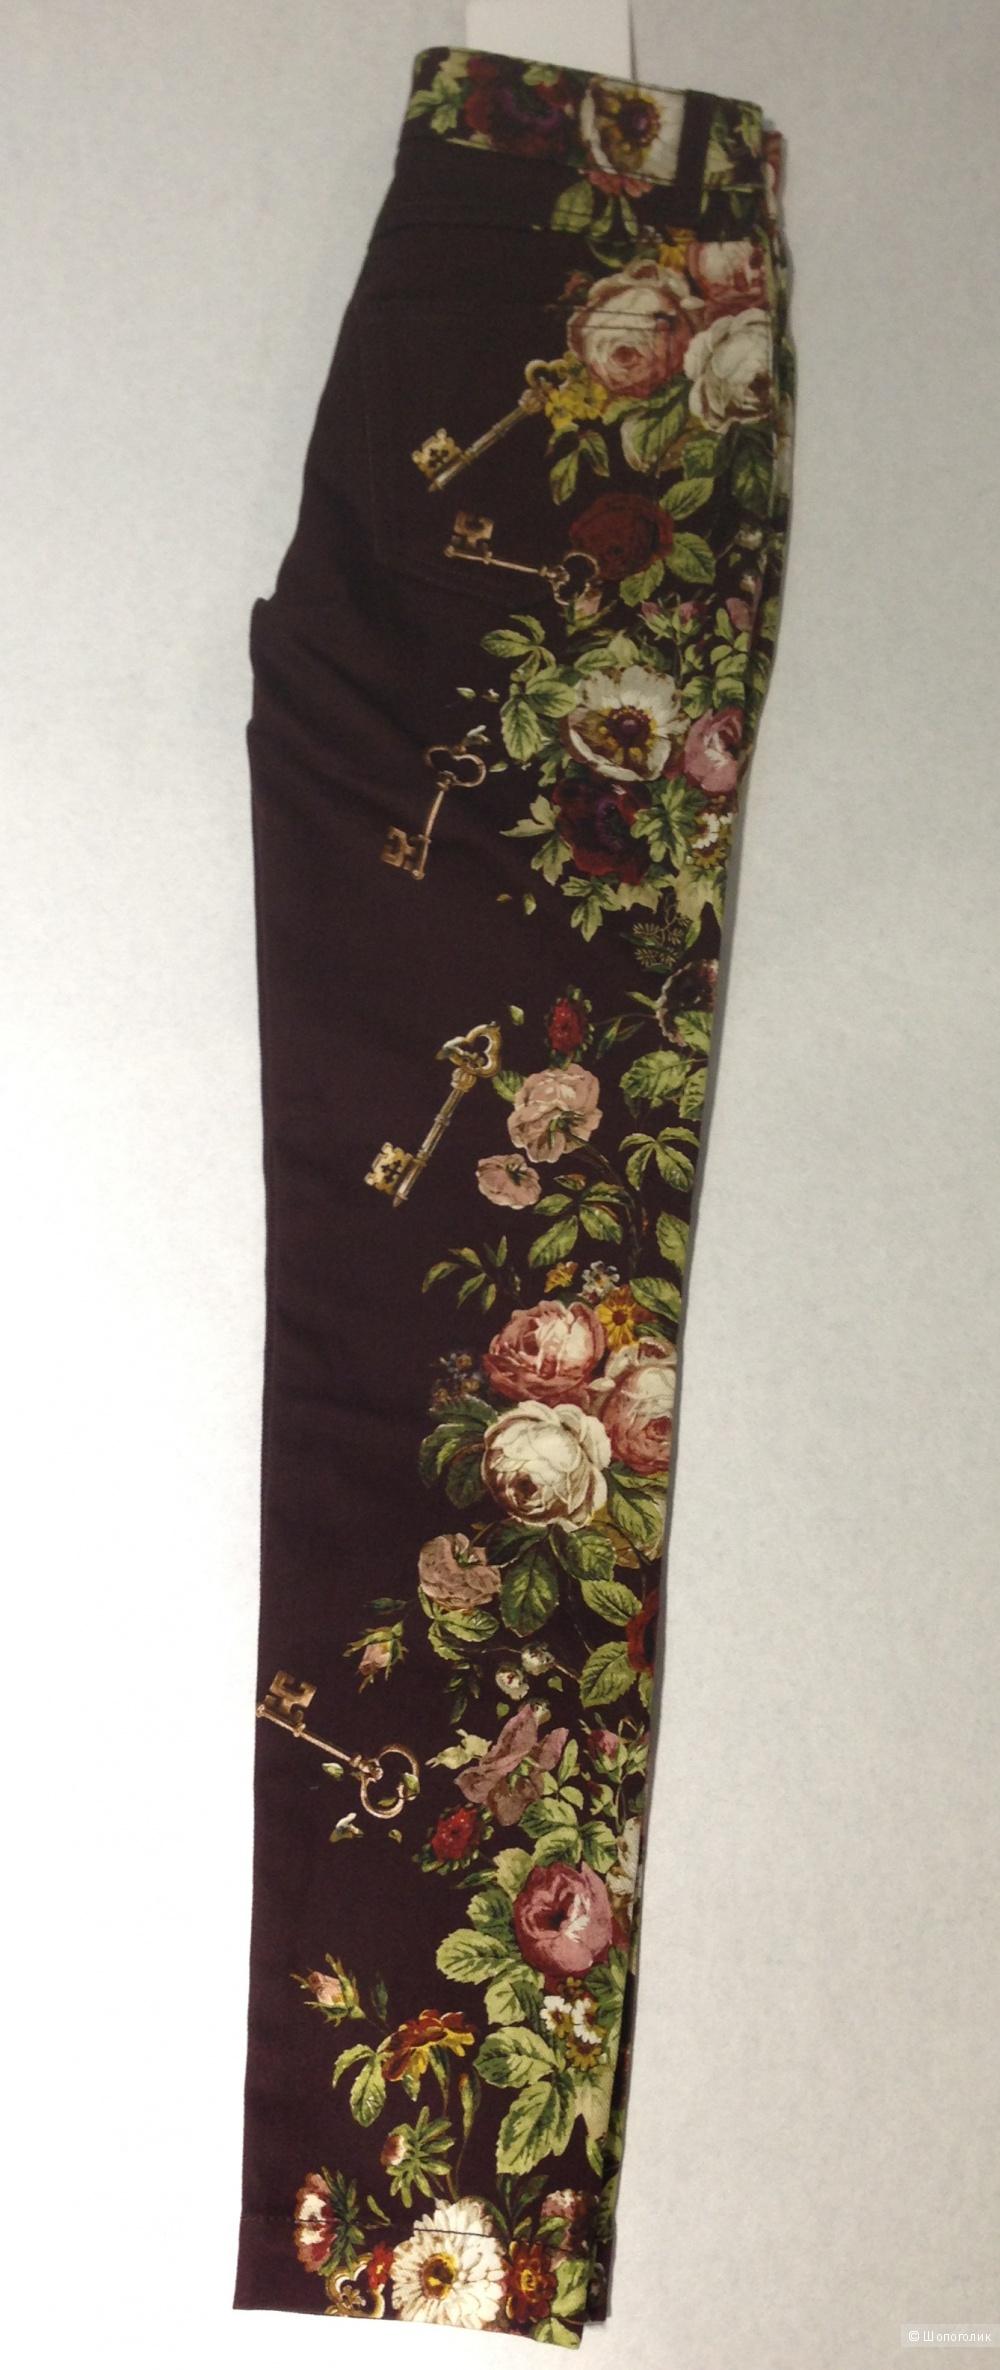 DOLCE&GABBANA джинсы из легендарной коллекции с ключами р.40 Новые Оригинал